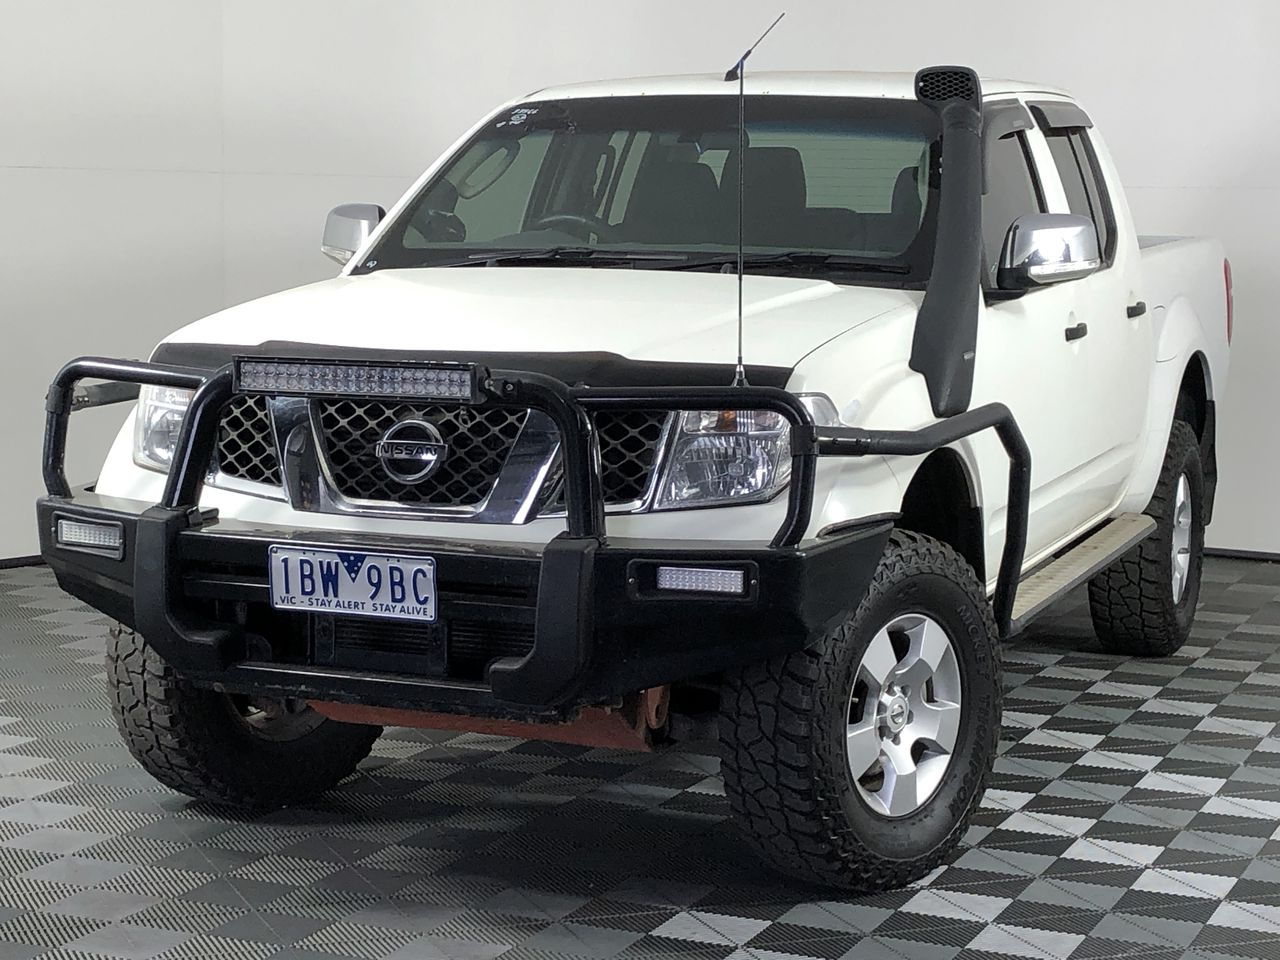 2006 Nissan Navara STX (4x4) D40 Turbo Diesel Automatic Dual Cab